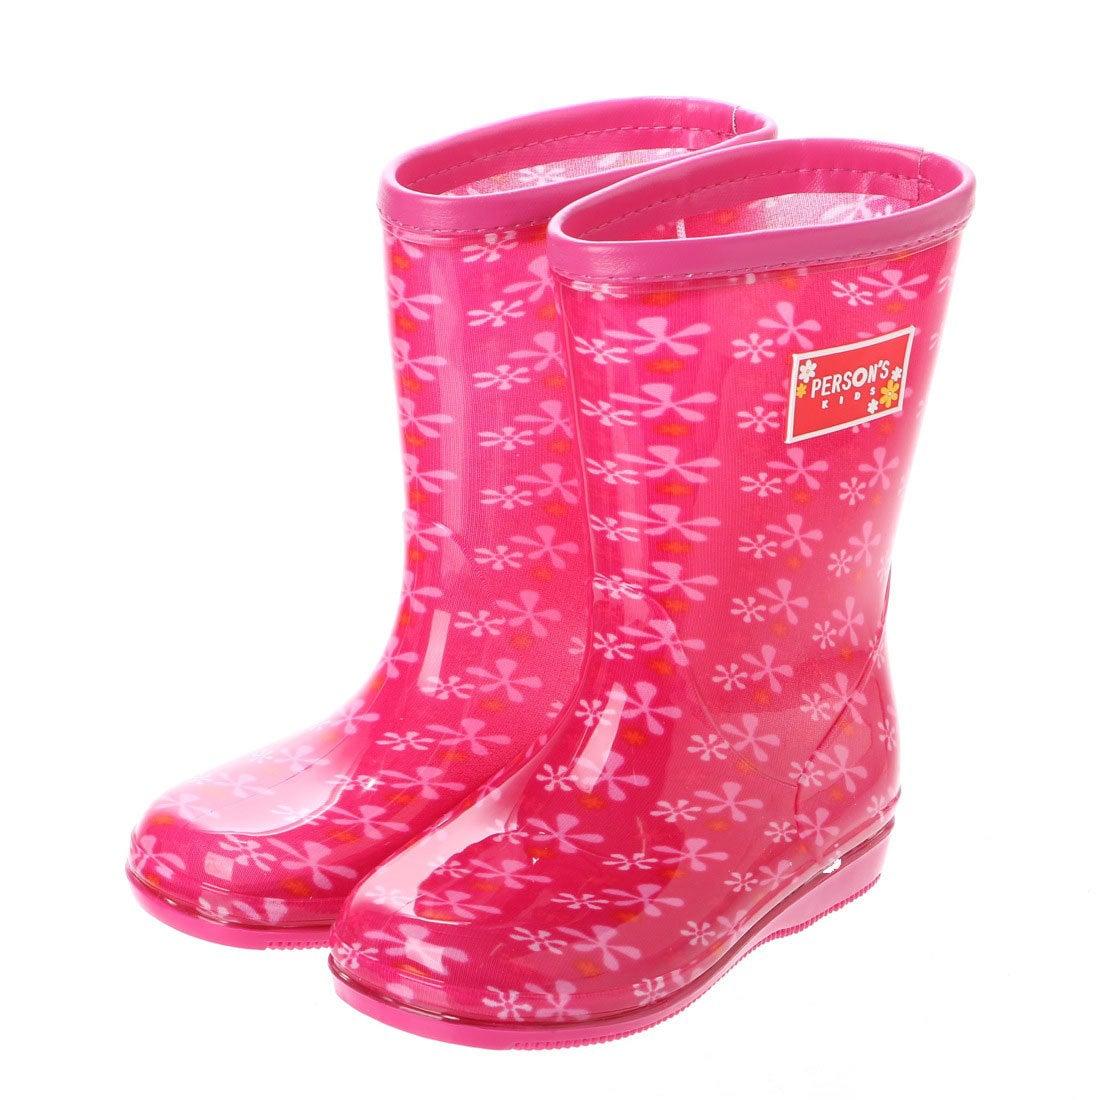 0eef41801c585 パーソンズキッズ PERSON S KIDS ジュニア レインシューズ PERSON SKIDS06 640490000 8007 ミフト mift - 靴&ファッション通販 ロコンド〜自宅で試着、気軽に返品